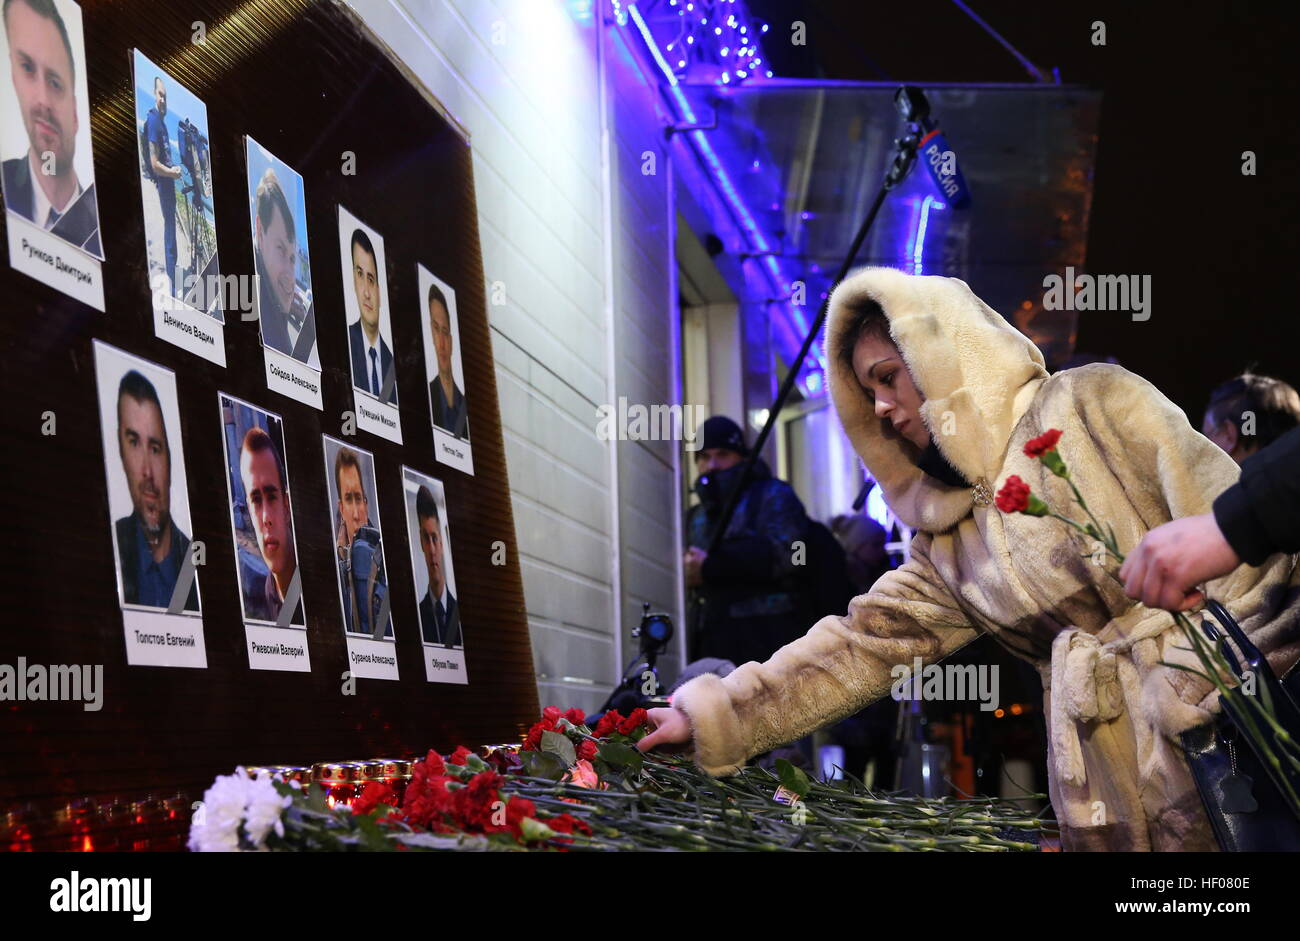 Mosca, Russia. 25 Dic, 2016. Fotografie di Canale uno, NTV e Zvezda canali TV giornalisti uccisi in un russo del Immagini Stock